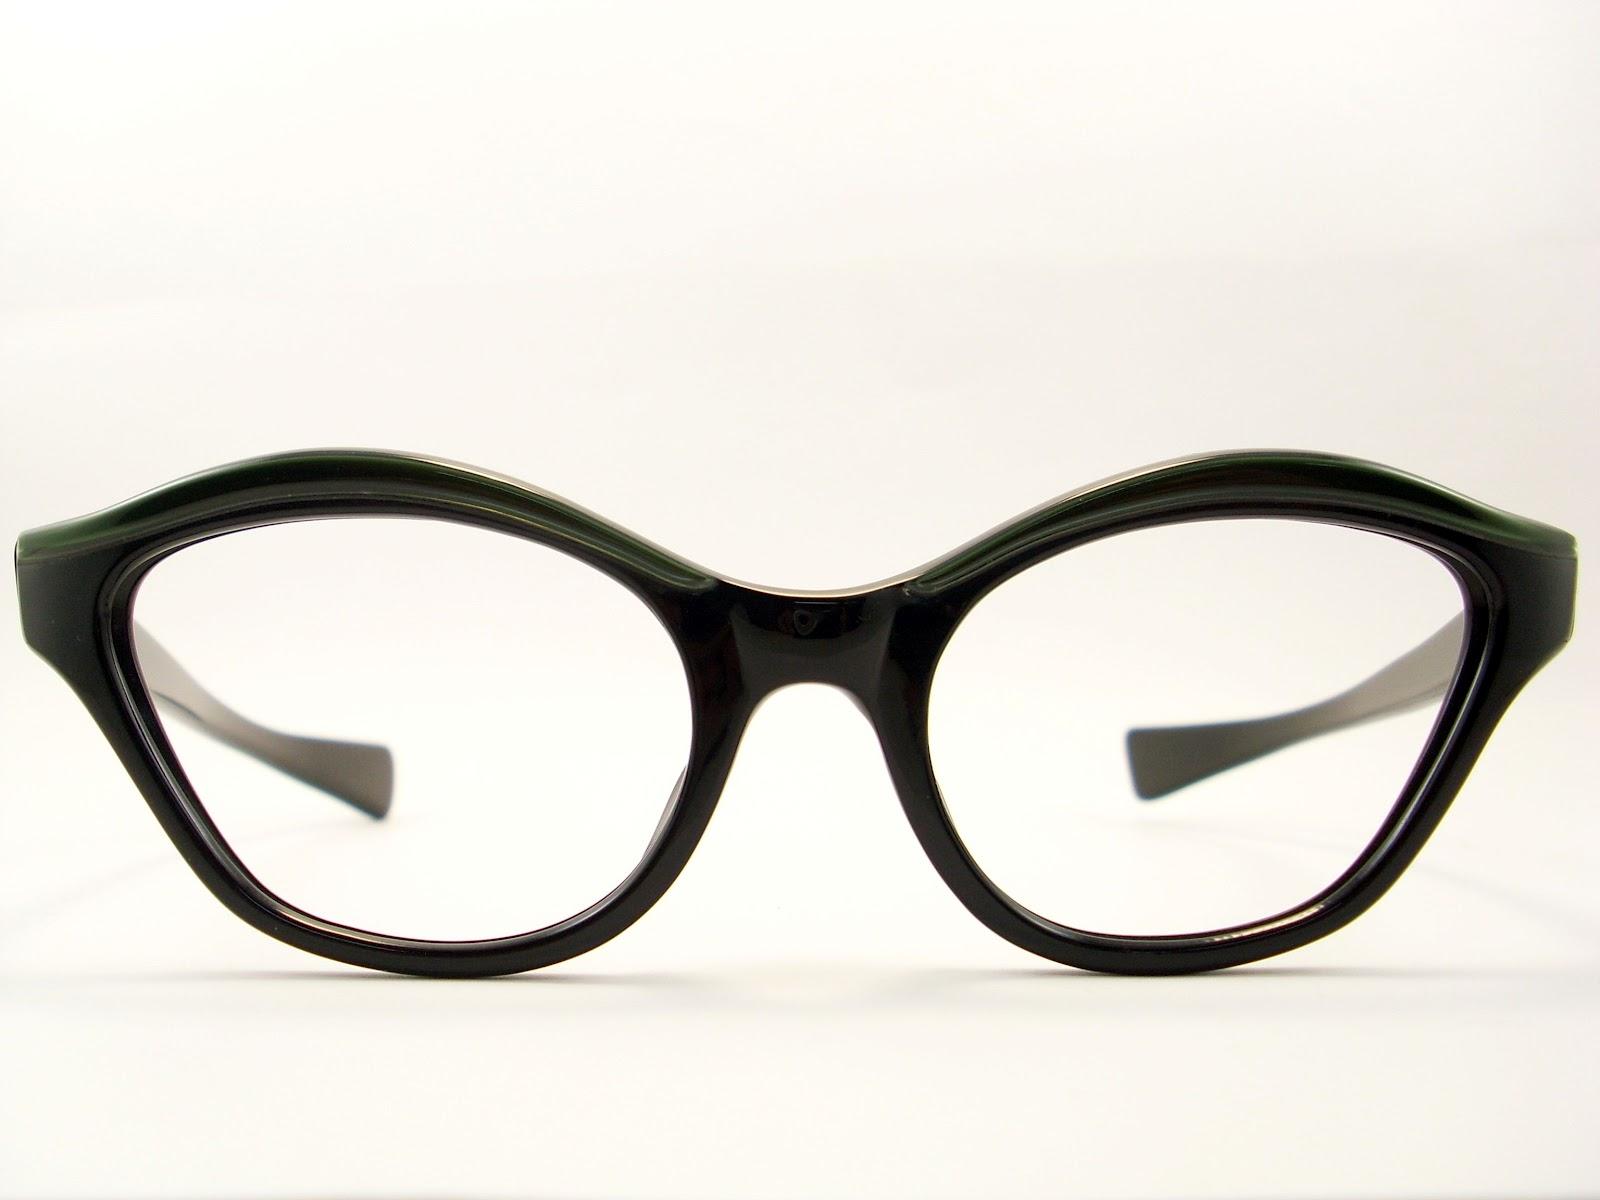 Retro Cat Eye Eyeglass Frames : Vintage Eyeglasses Frames Eyewear Sunglasses 50S: Vintage ...